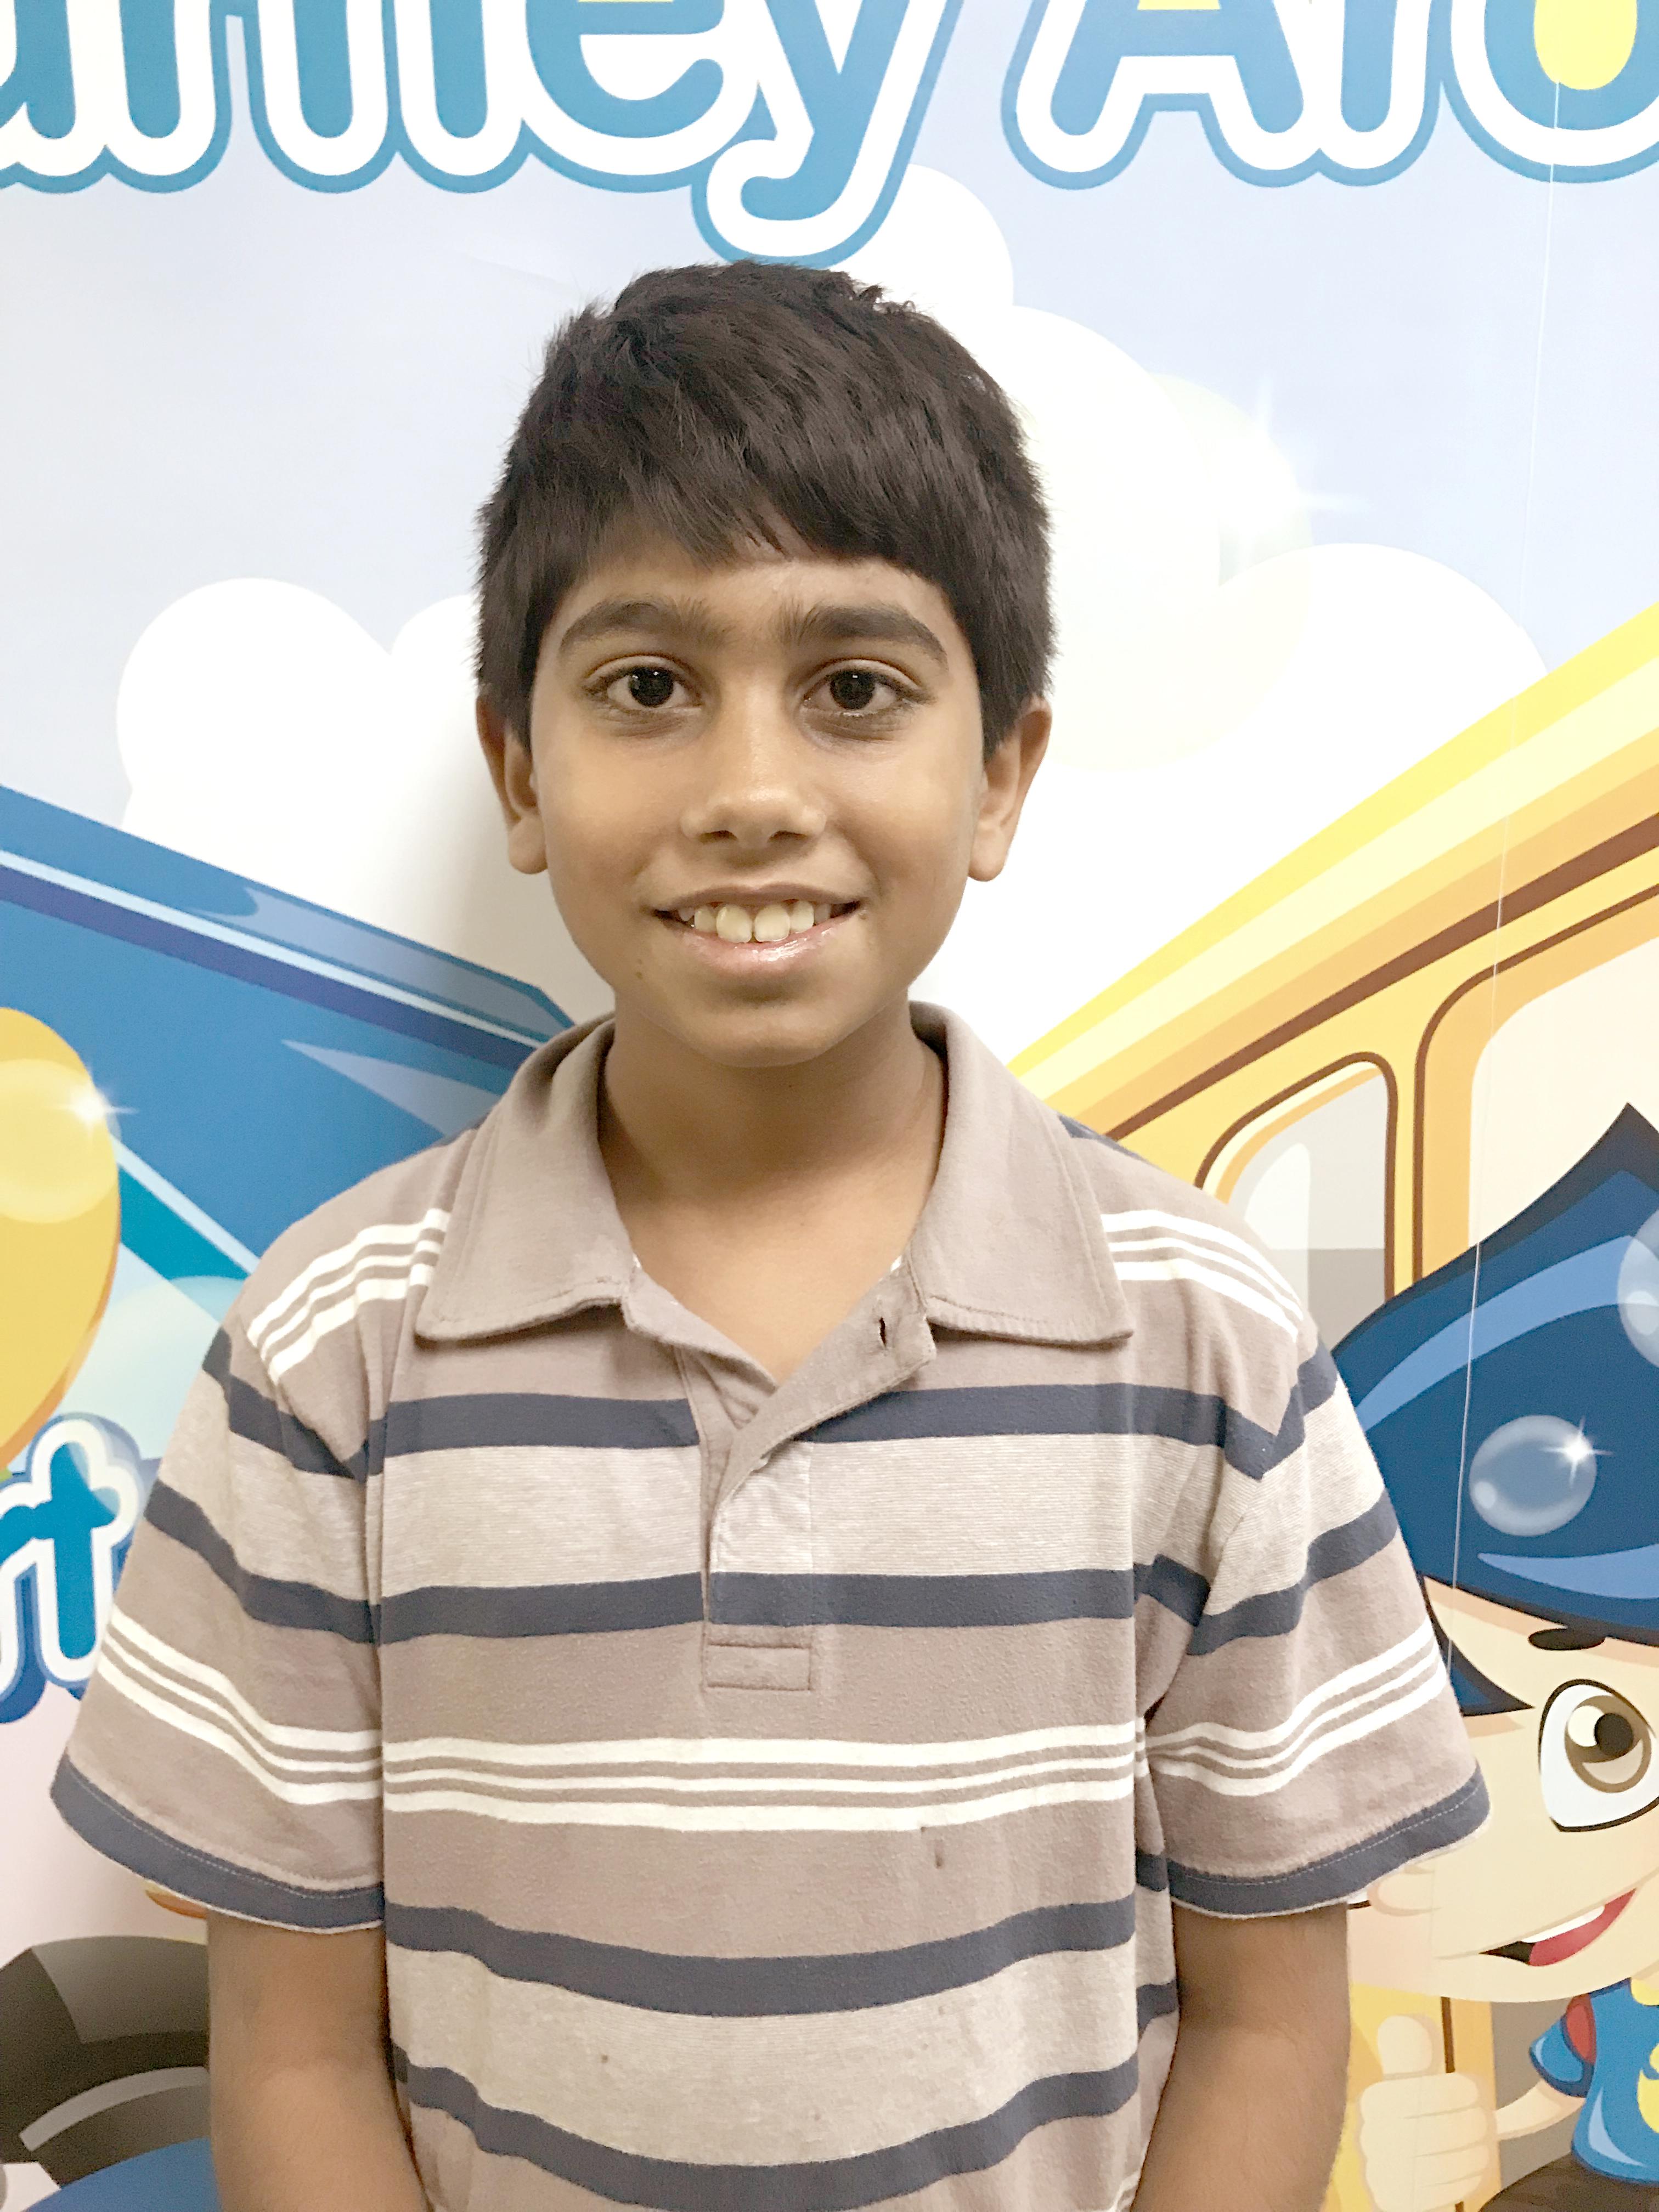 Sanjay Ravishankar